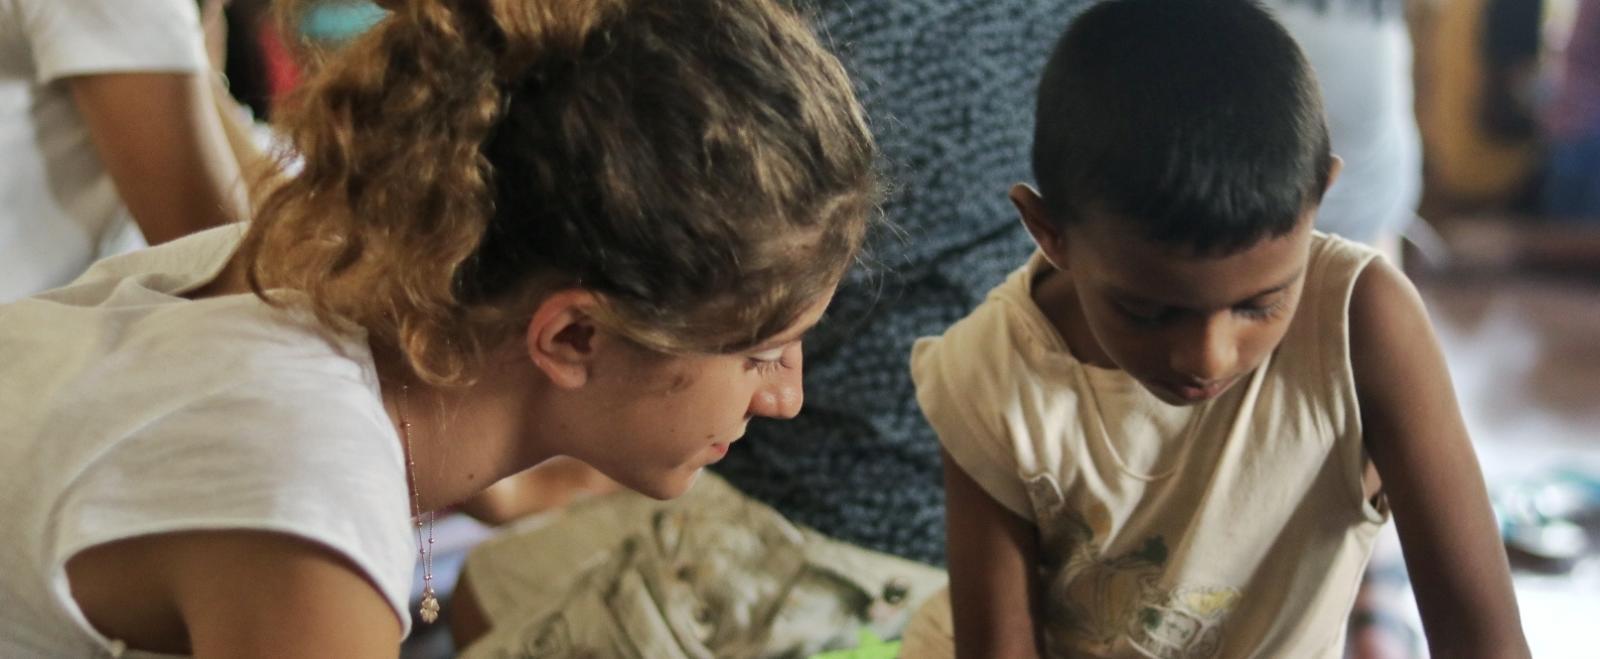 Una voluntaria ayuda a un niño con ejercicios básicos de inglés durante su programa de voluntariado en verano para jóvenes en Sri Lanka.